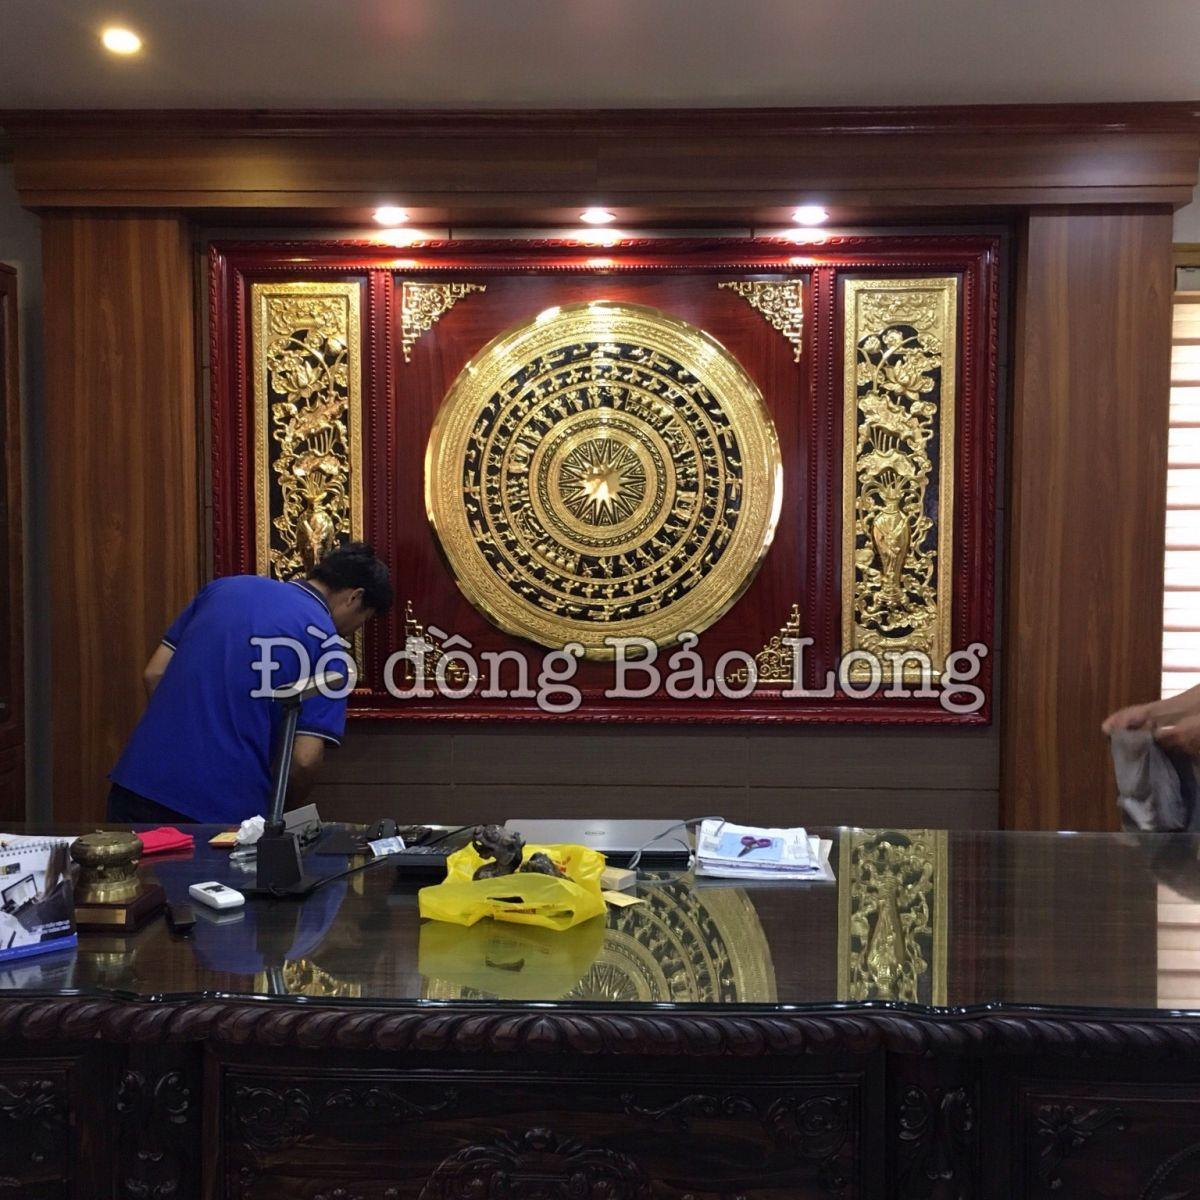 Dự án tranh đồng mạ vàng cho biệt thự của Đại gia Quảng Ninh